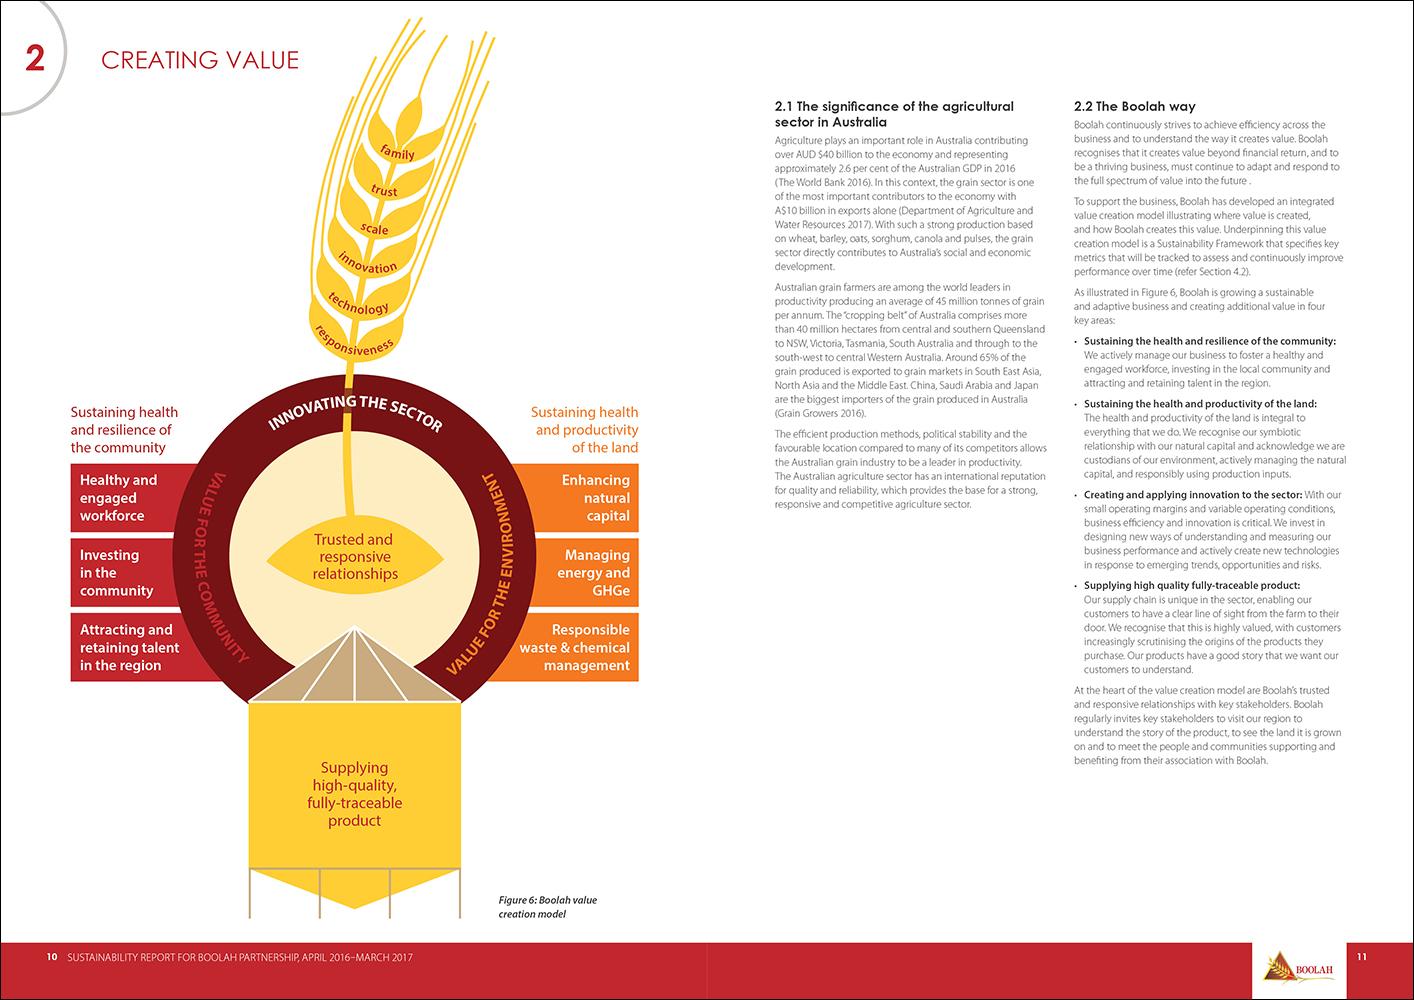 Think-Impact-Boolah-sustainability-report-17.jpg